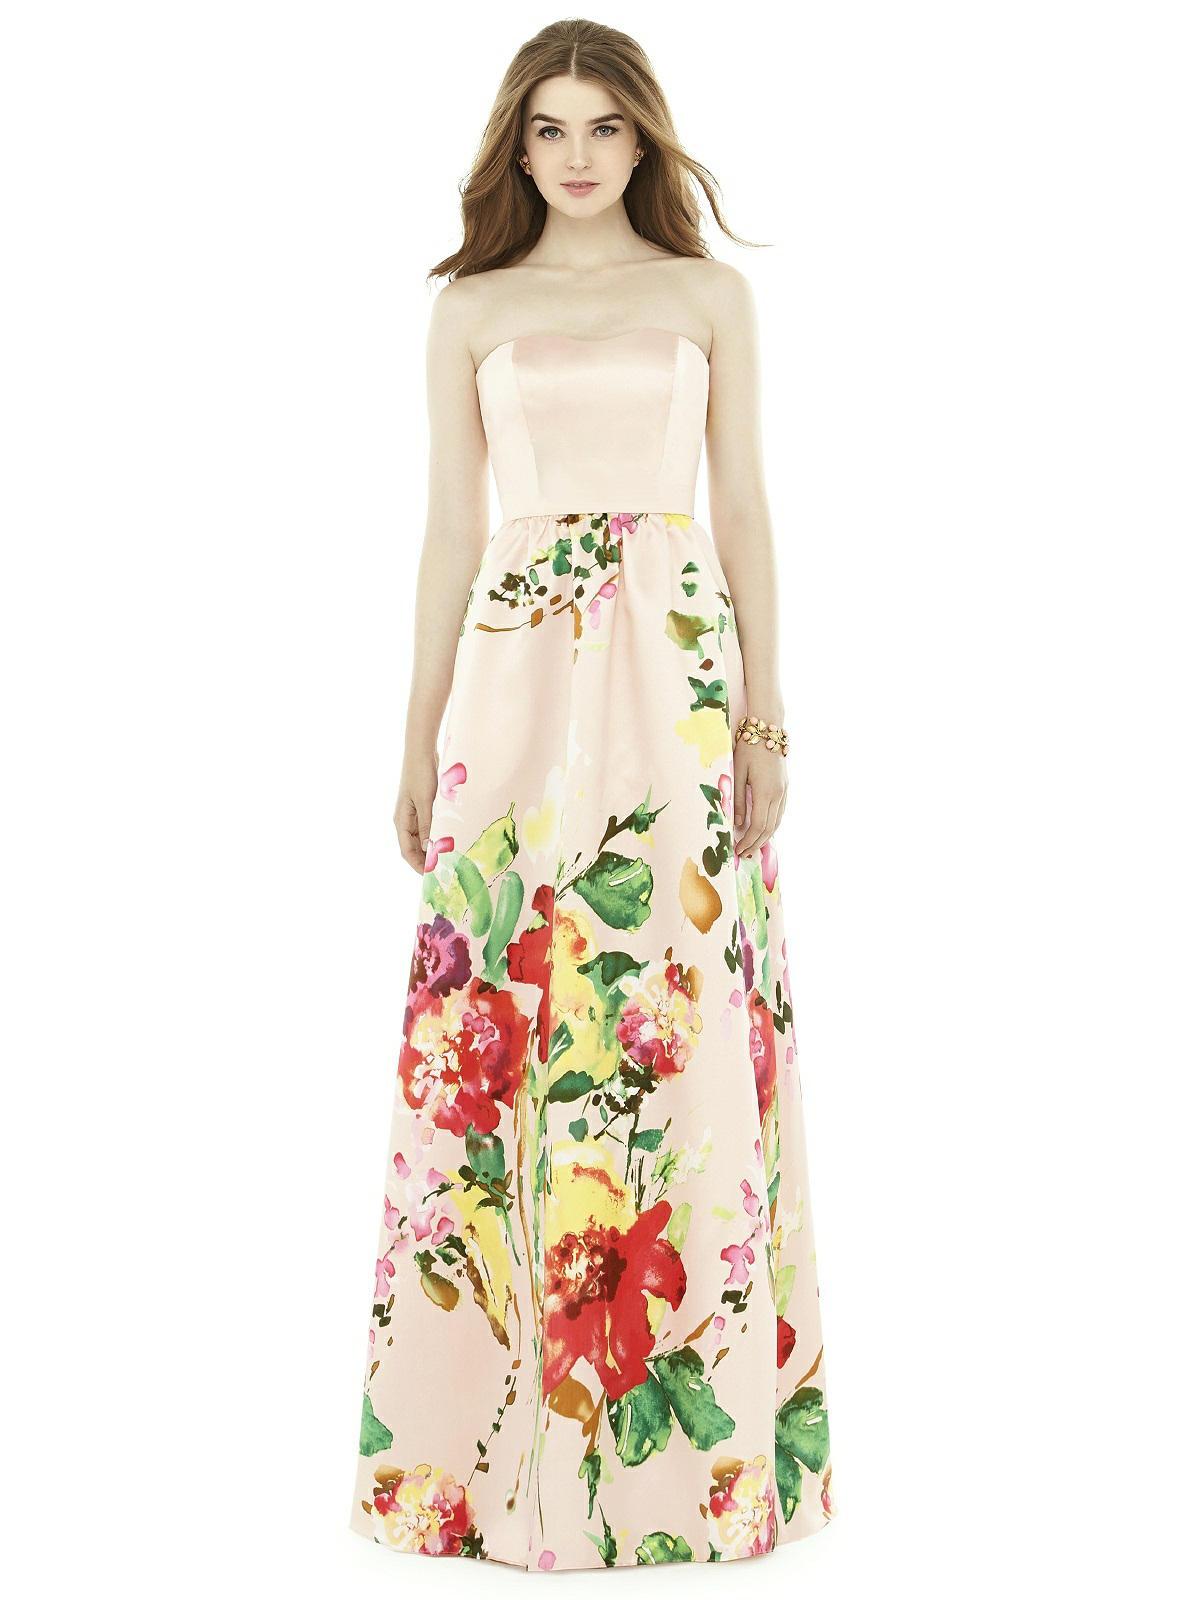 a1a20f258661 Alfred Sung Bridesmaid Dresses - Bella Sposa Bridal Boutique